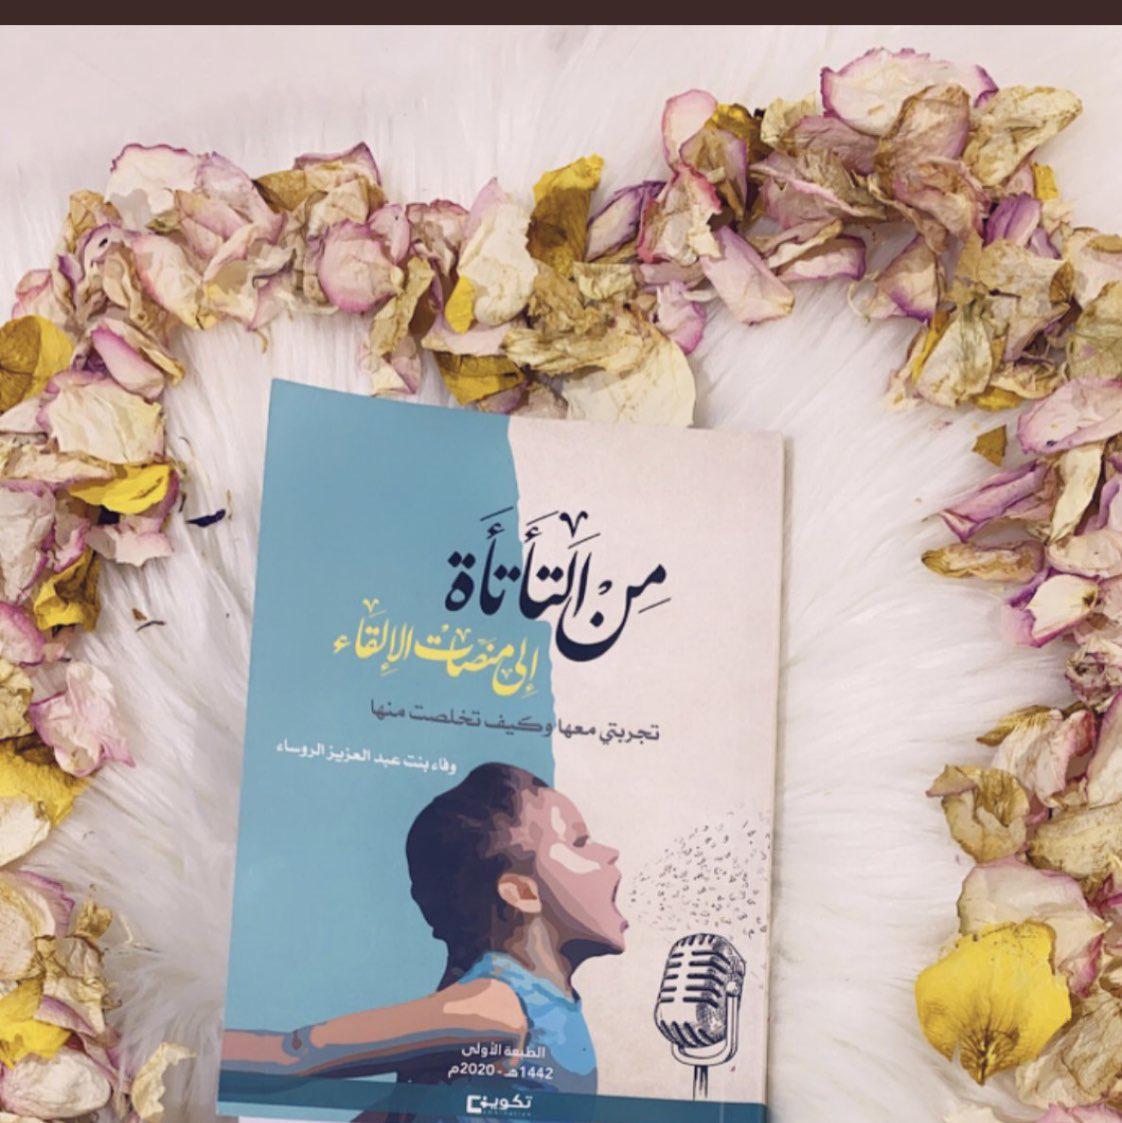 Wafa Abdulaziz Clubhouse